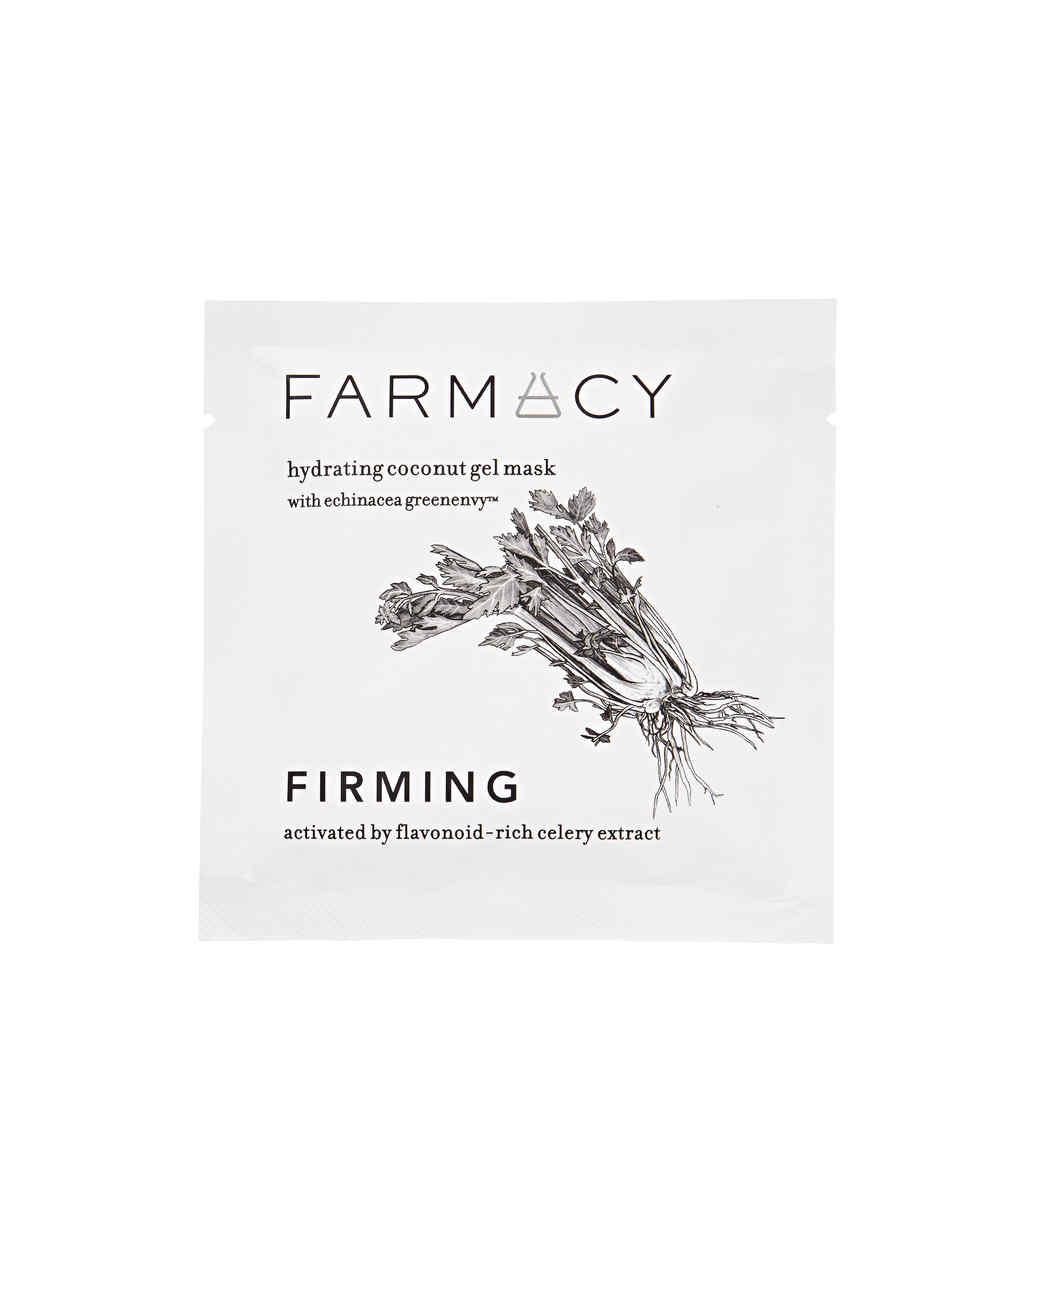 farmacy-firming-5069-d112774-0416.jpg